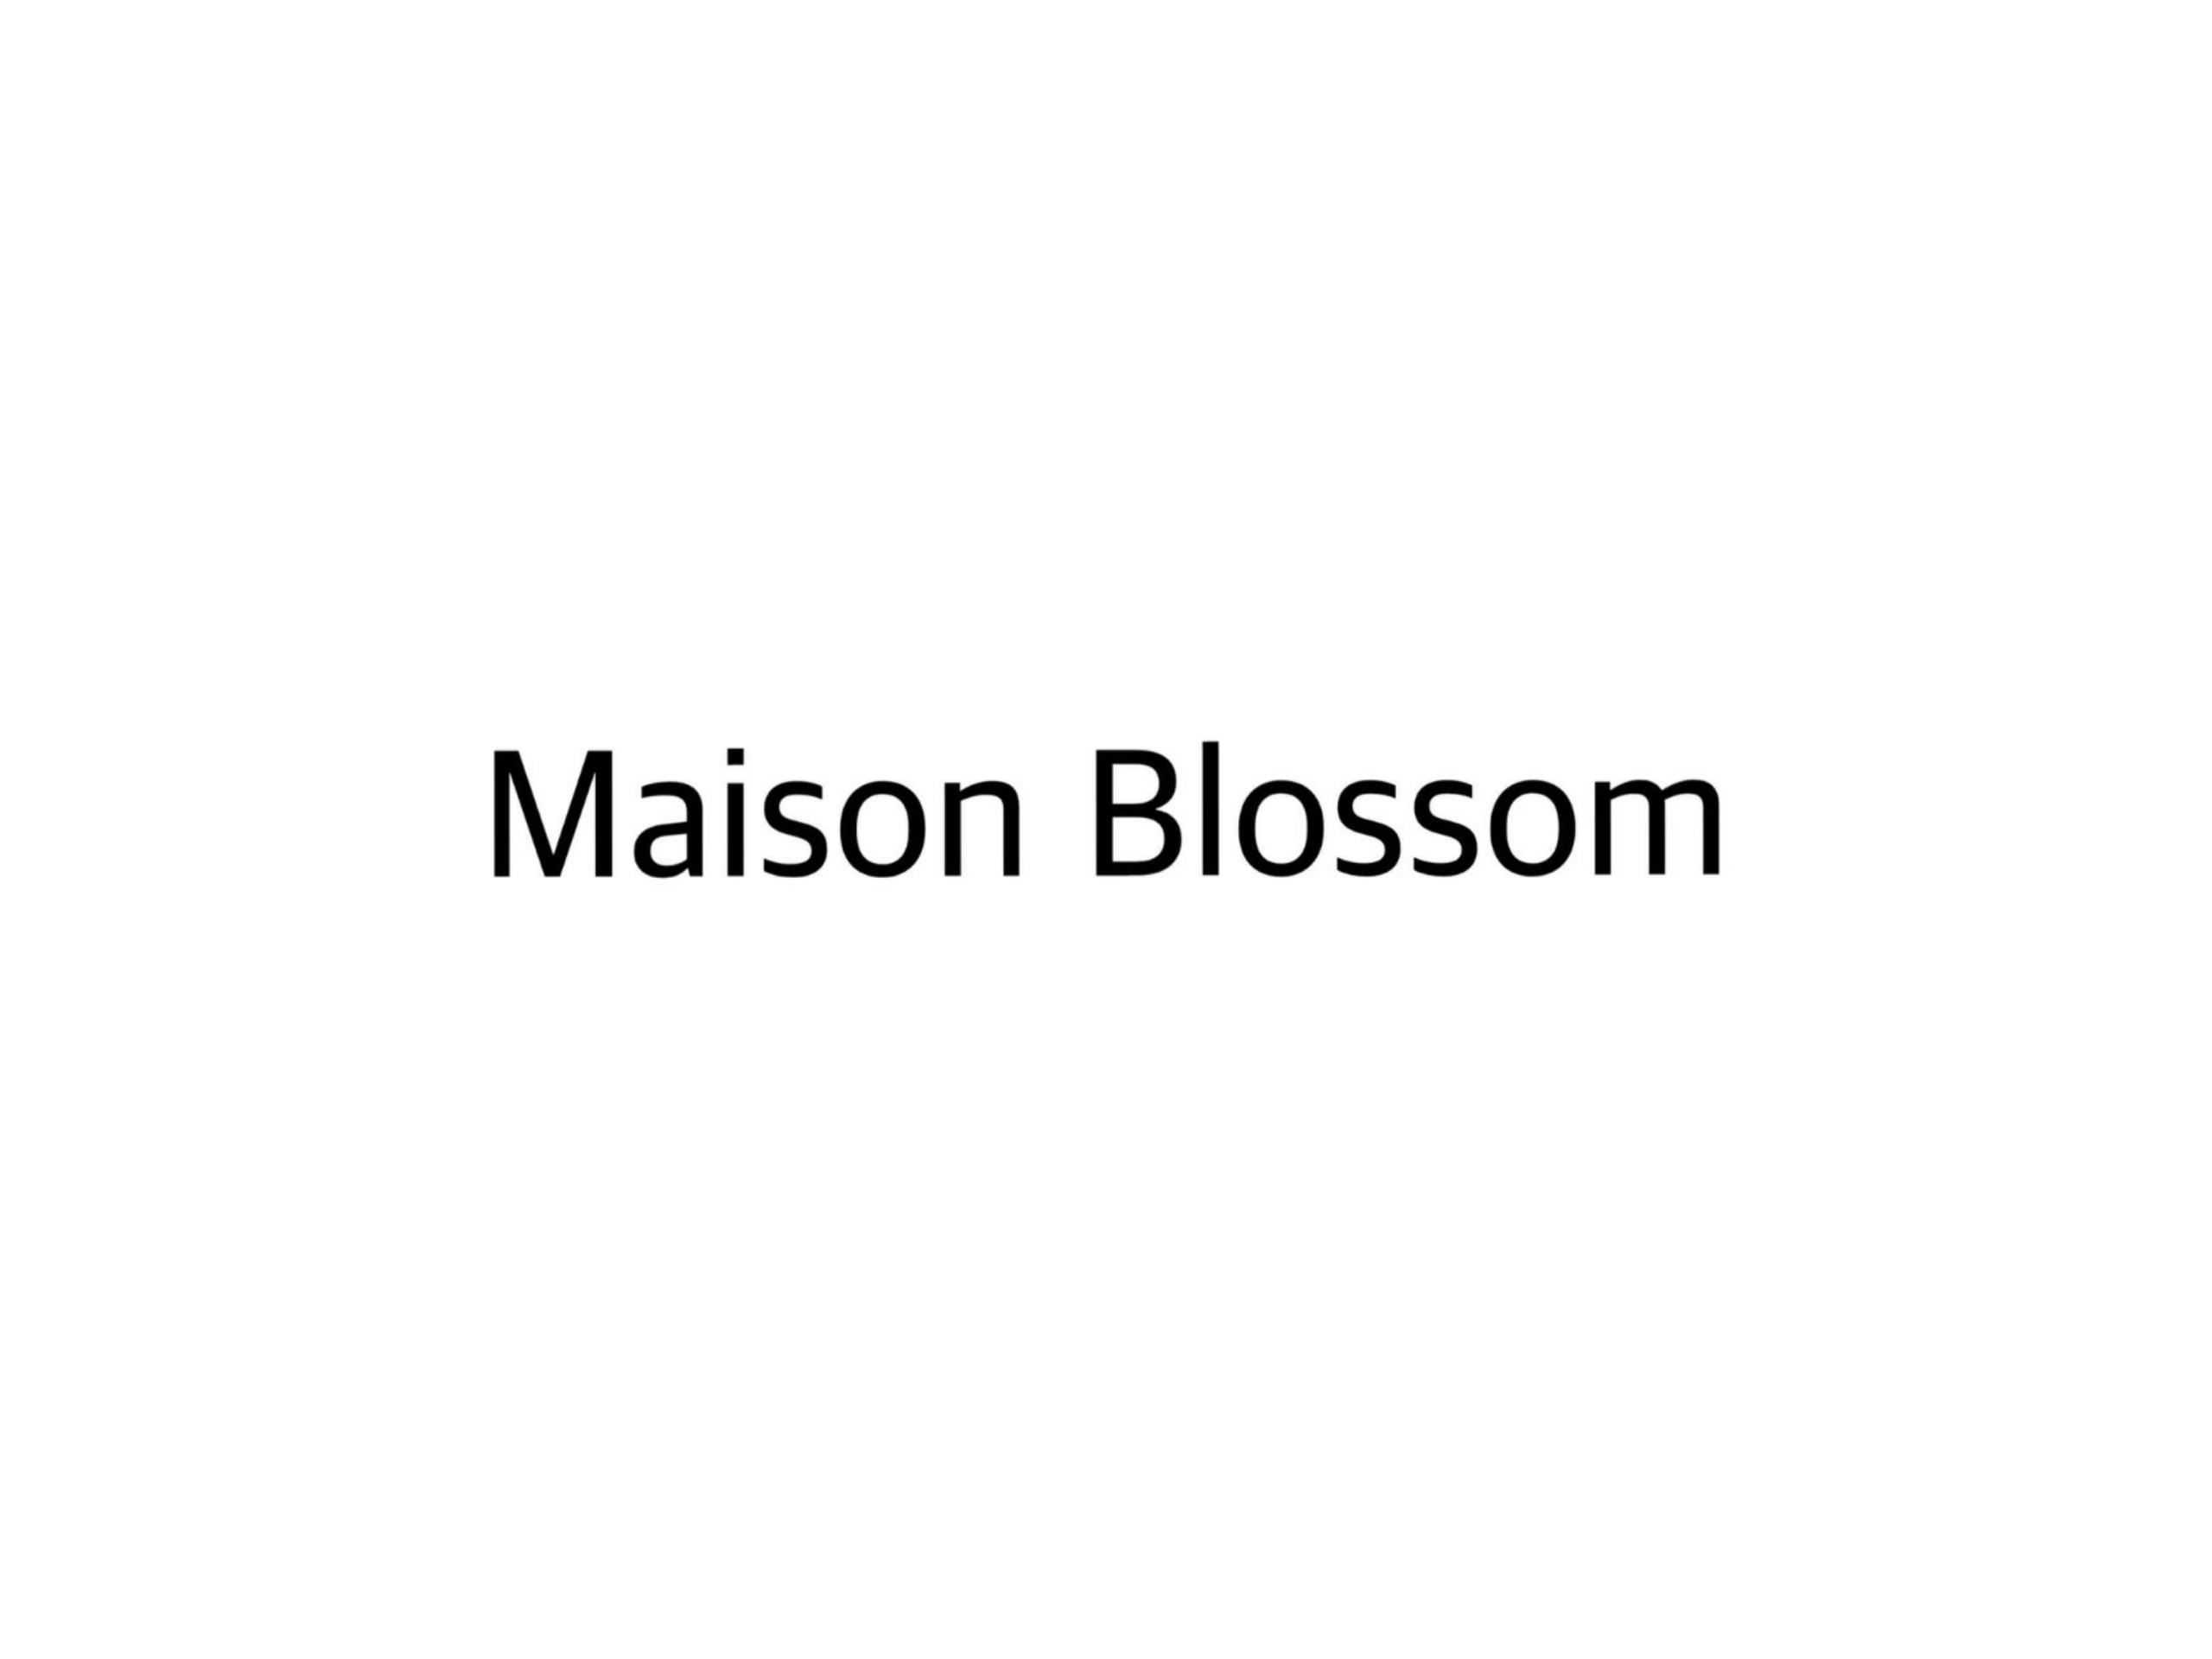 Maison Blossom